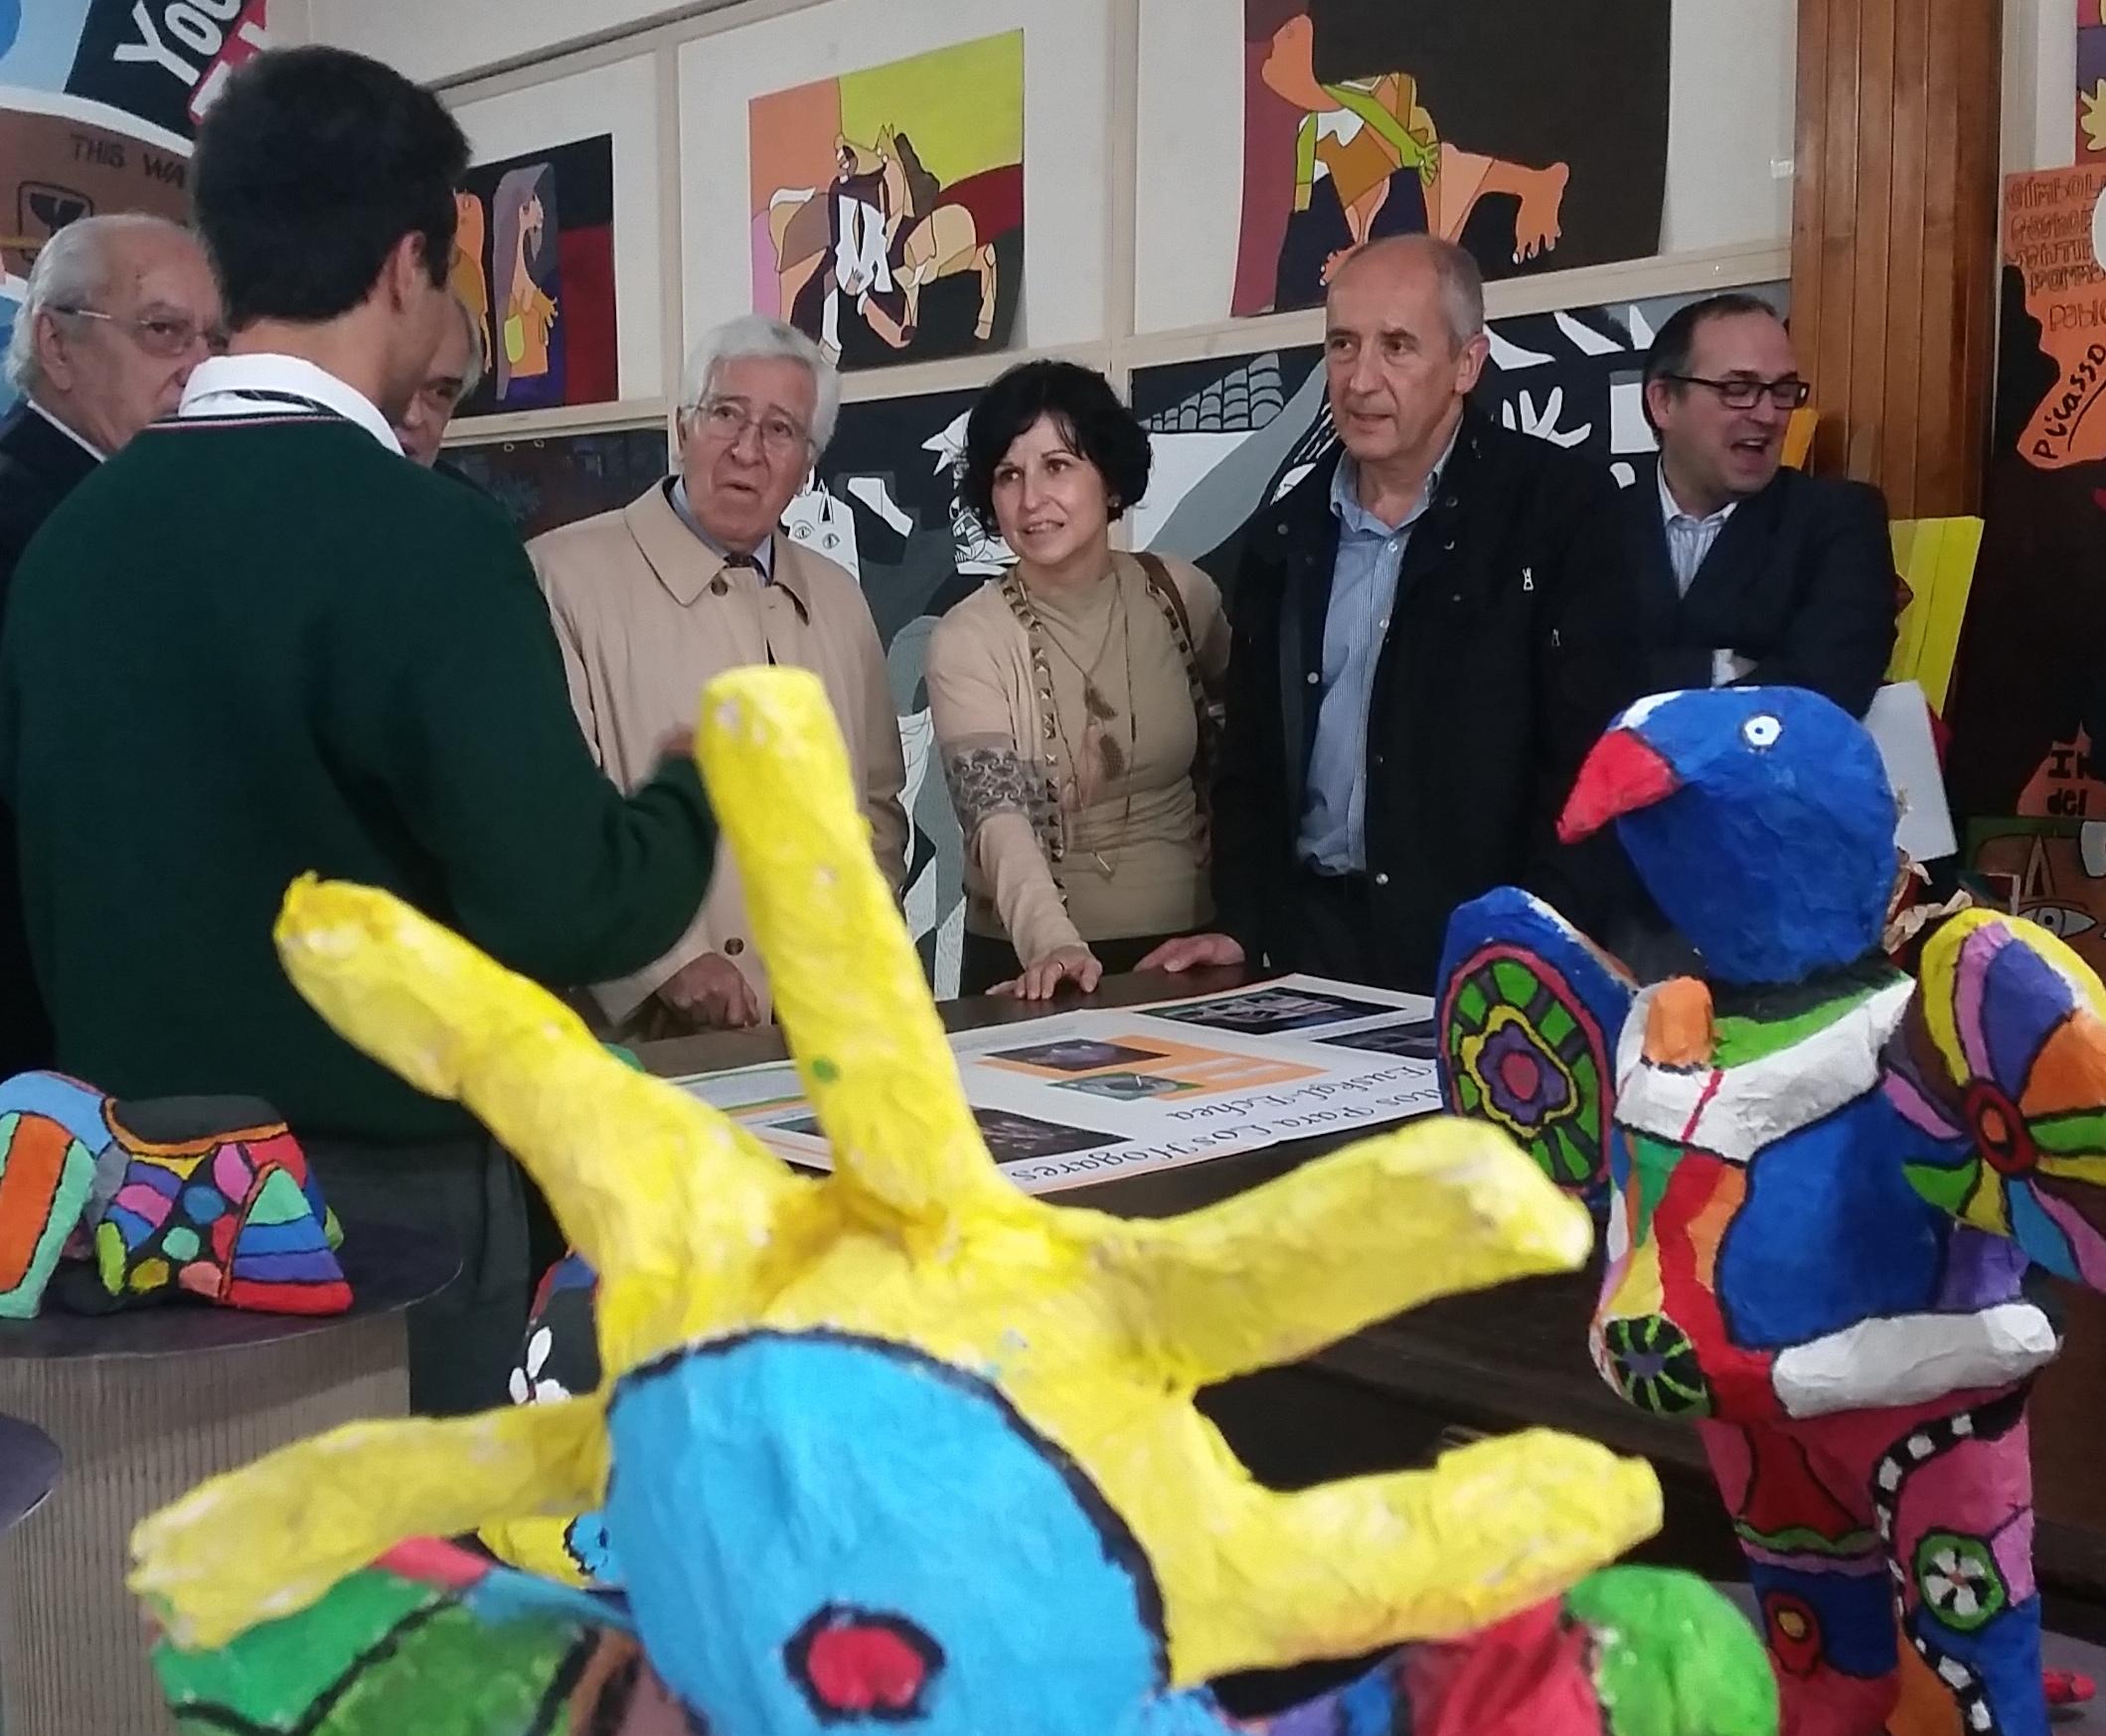 Una delegación del Gobierno Vasco visita en Argentina el único colegio fuera de Euskadi que incluye el Euskera como asignatura en su currículo educativo  [7:26]